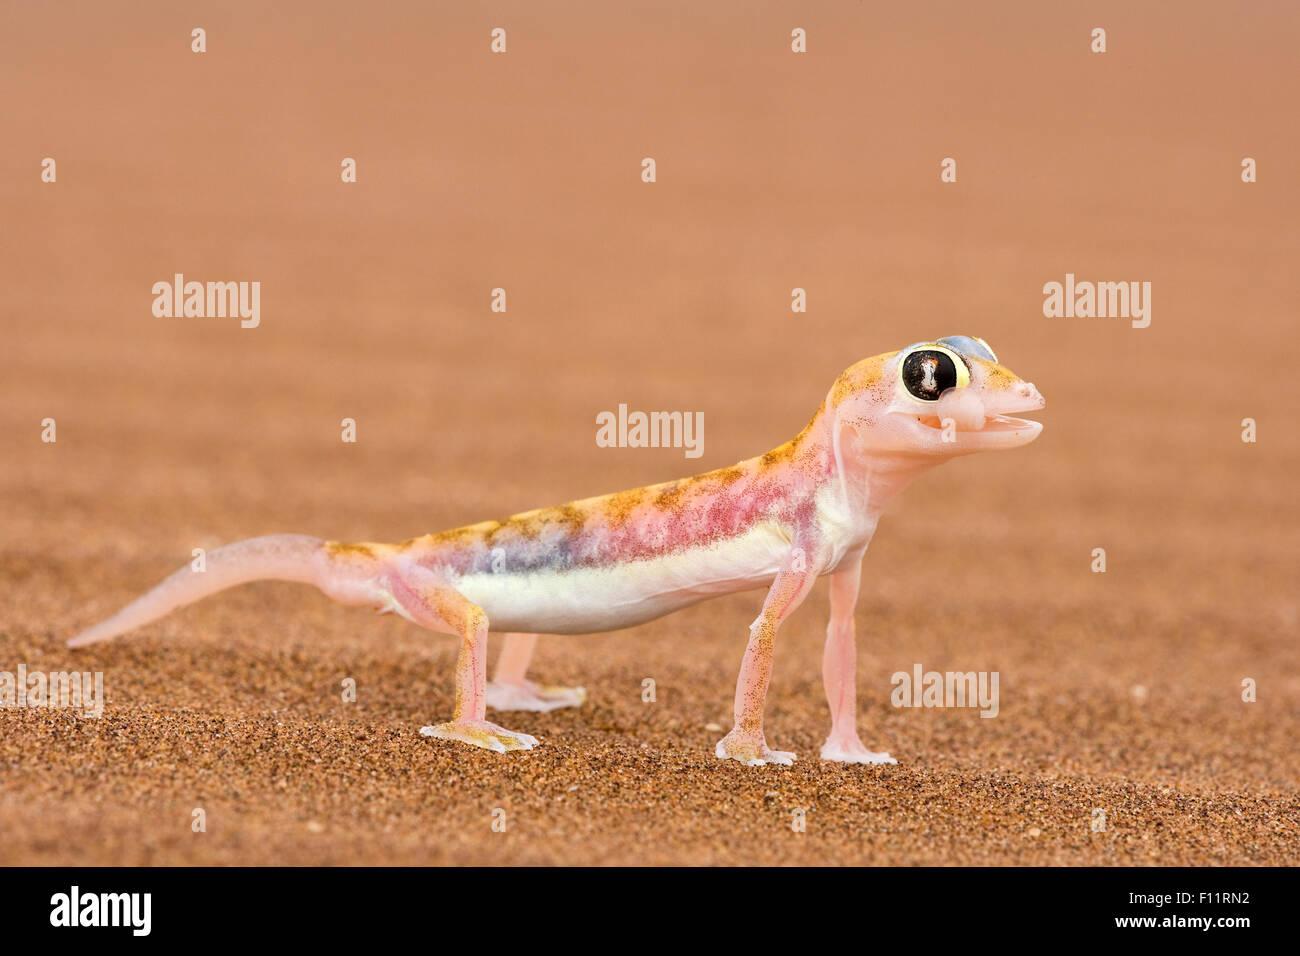 Footed Gecko (Palmatogecko Rangei) Sand Schwimmfüße Hilfe läuft über feinen Sand große, Stockbild